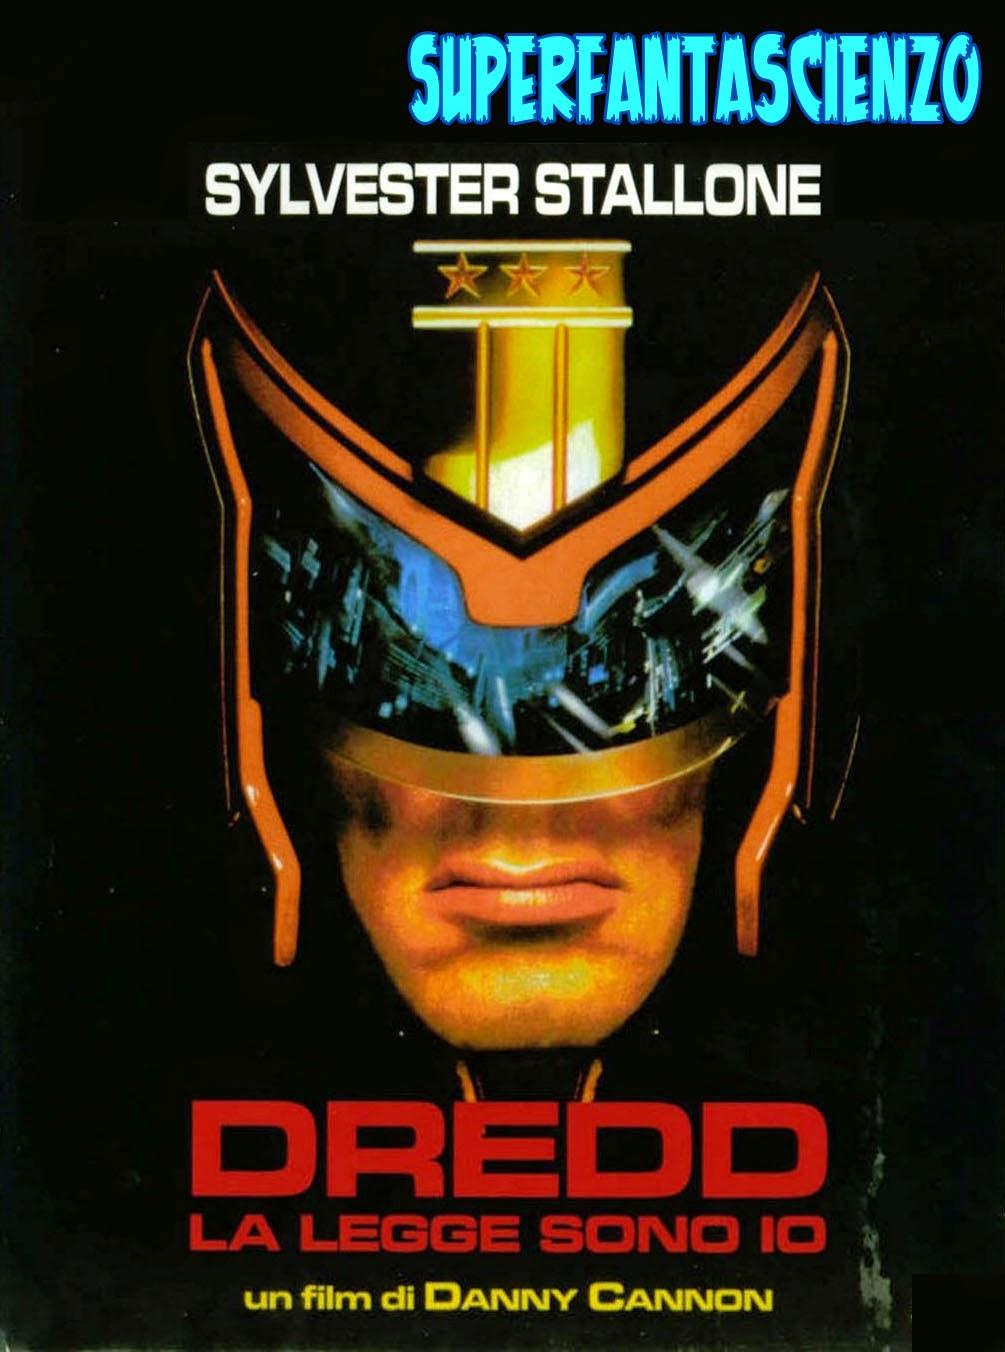 Dredd la legge sono io Stallone recensione poster